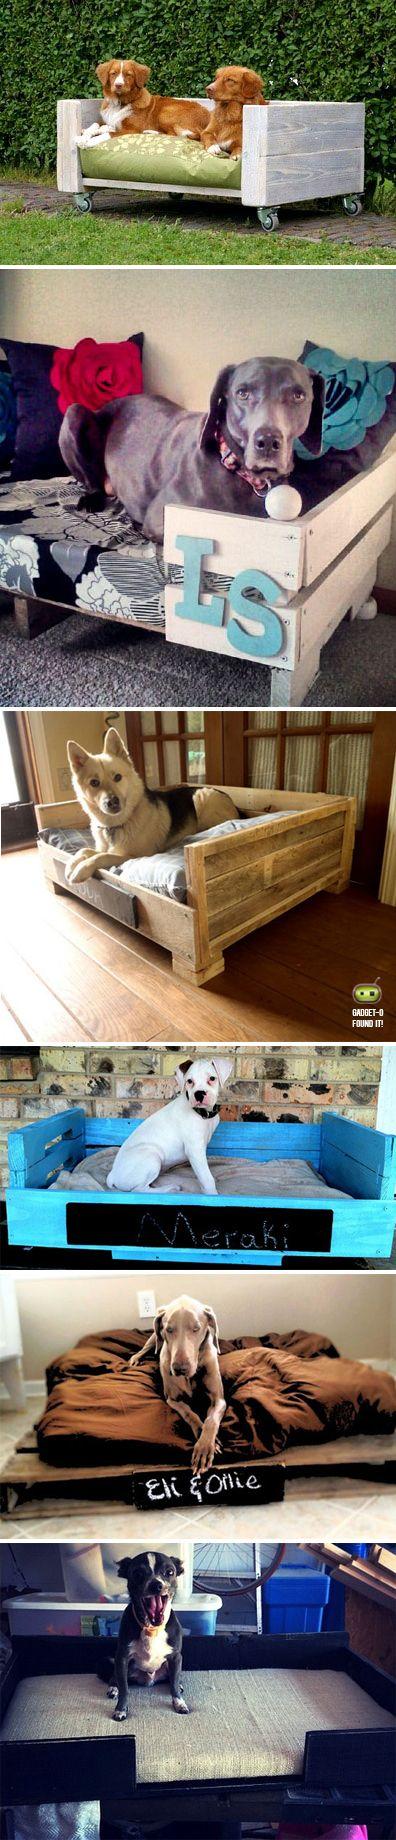 DIY pallet beds for pets! I love love love Pet beds!